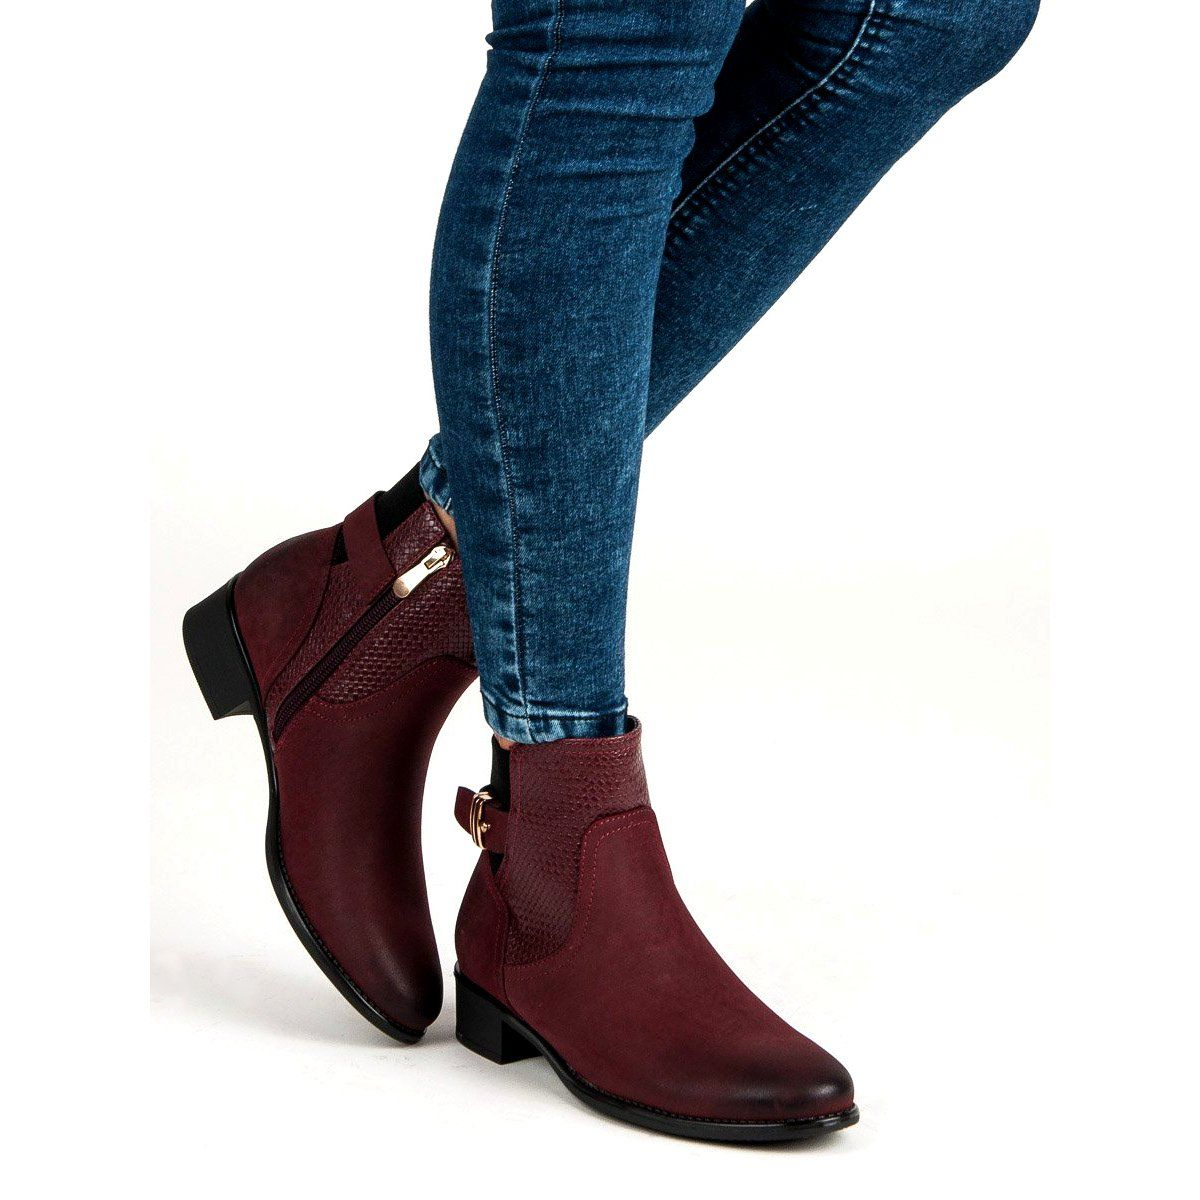 Vinceza Damskie Jesienne Botki Czerwone Ankle Boot Fashion Shoes